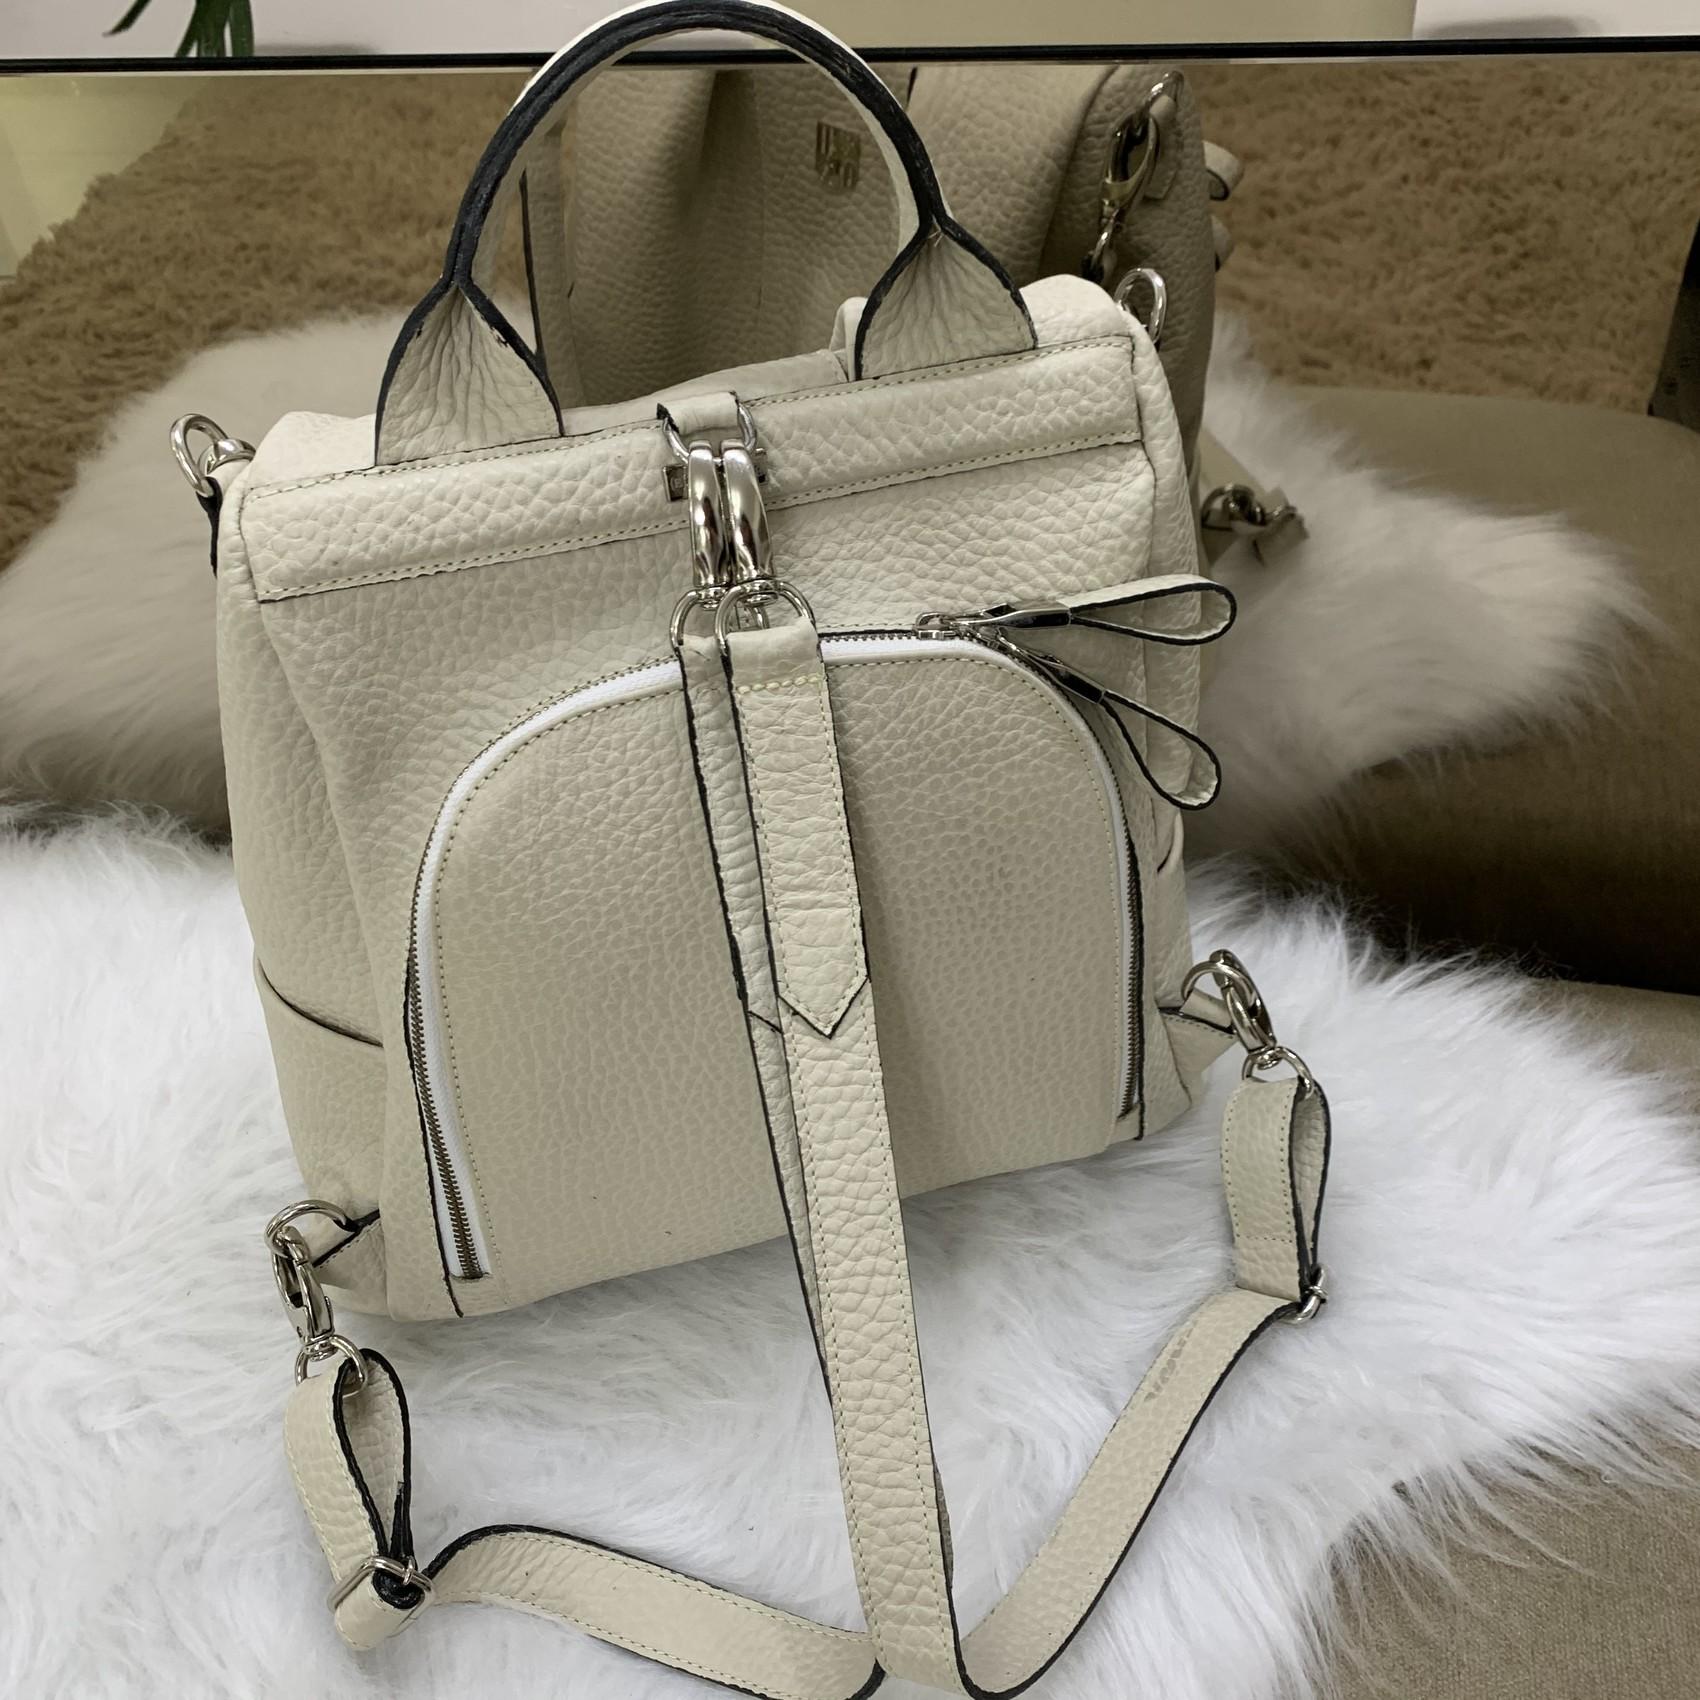 MOCHILA MILÃO Bolsa mochila branca / off white em couro legítimo